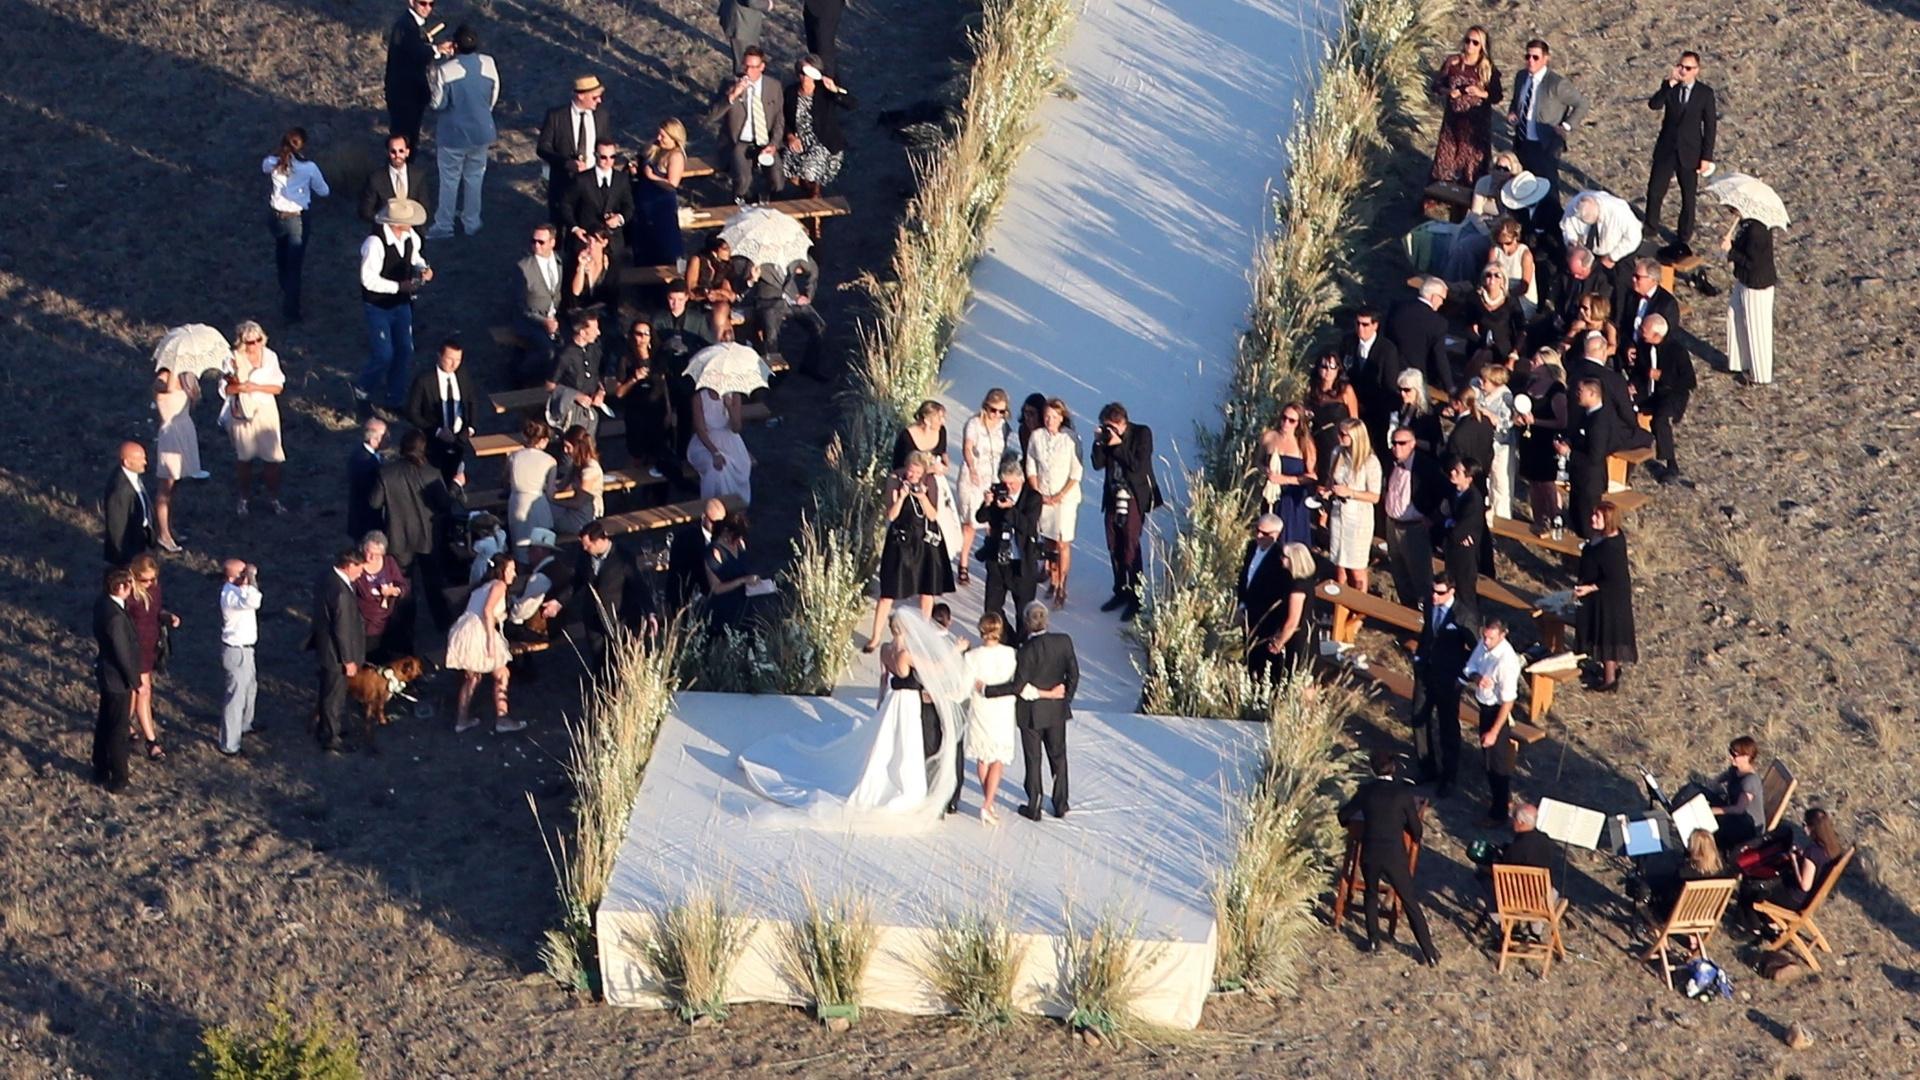 31.ago.2013 - A atriz Kate Bosworth se casa com o cineasta Michael Polish em um rancho no estado norte-americano de Montana. A cerimônia foi íntima e apenas familiares e amigos próximos do casal foram convidados